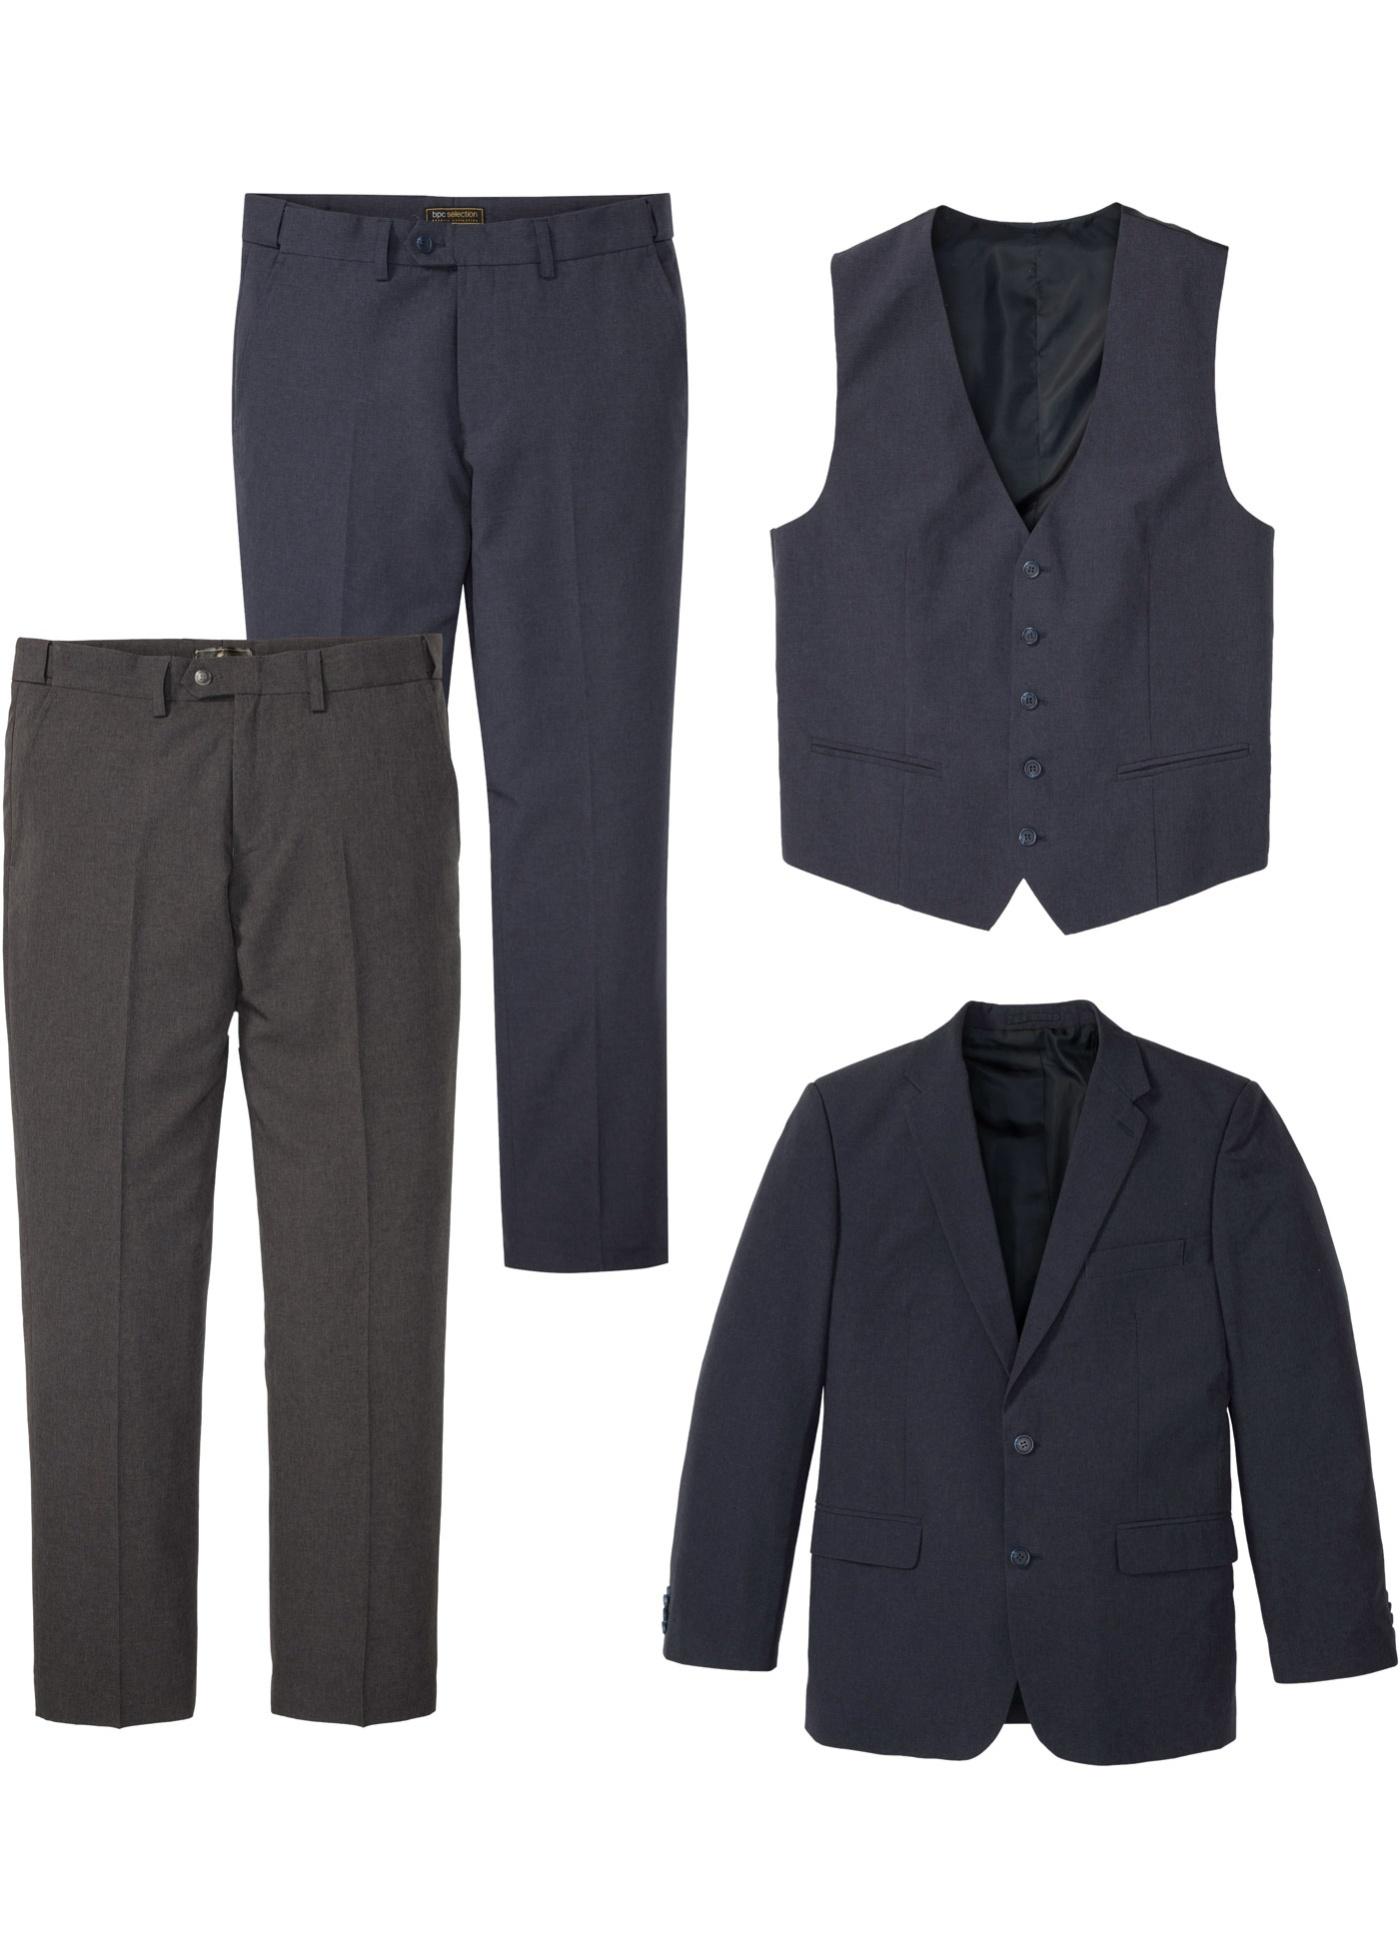 Costume 4 pièces : veste de costume, gilet sans manches, 2 pantalons